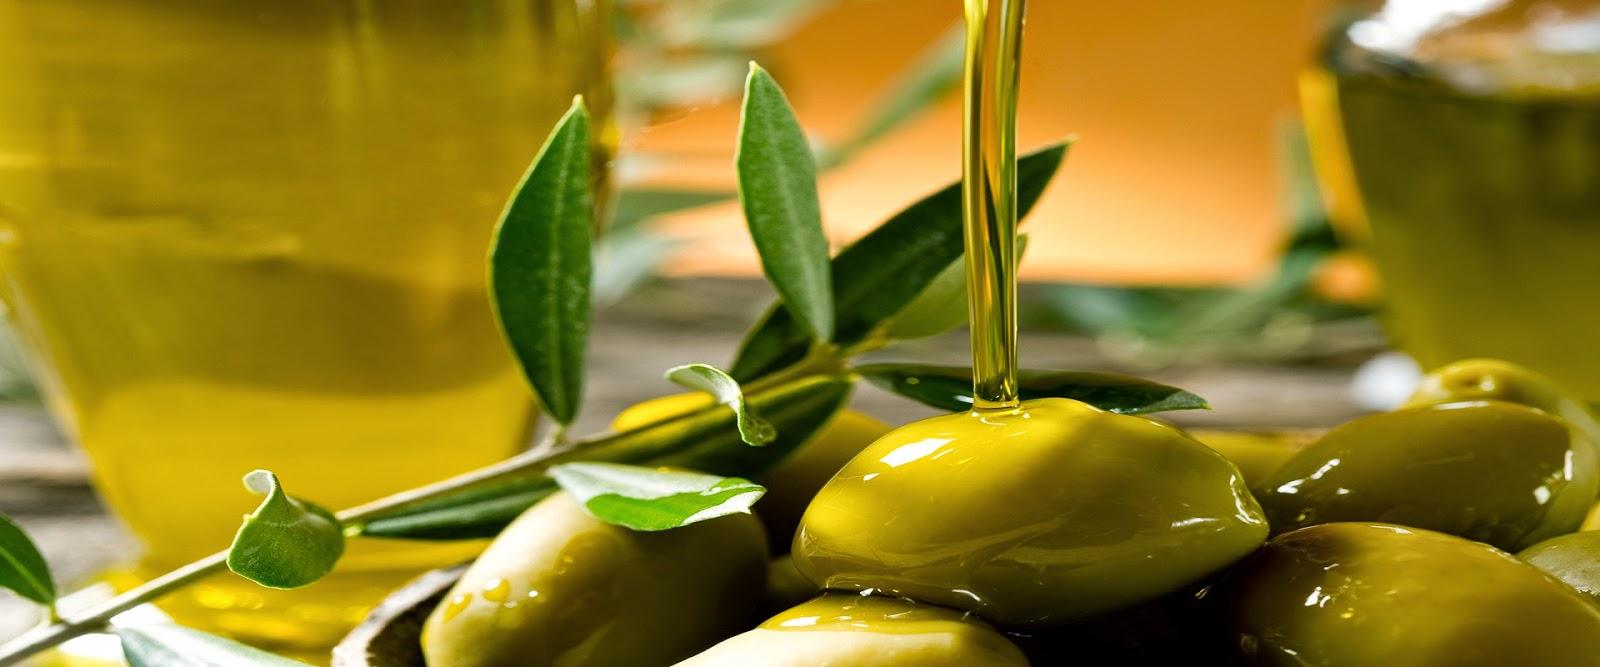 Manfaat Minyak Zaitun Yang Menakjubkan Untuk Kesehatan